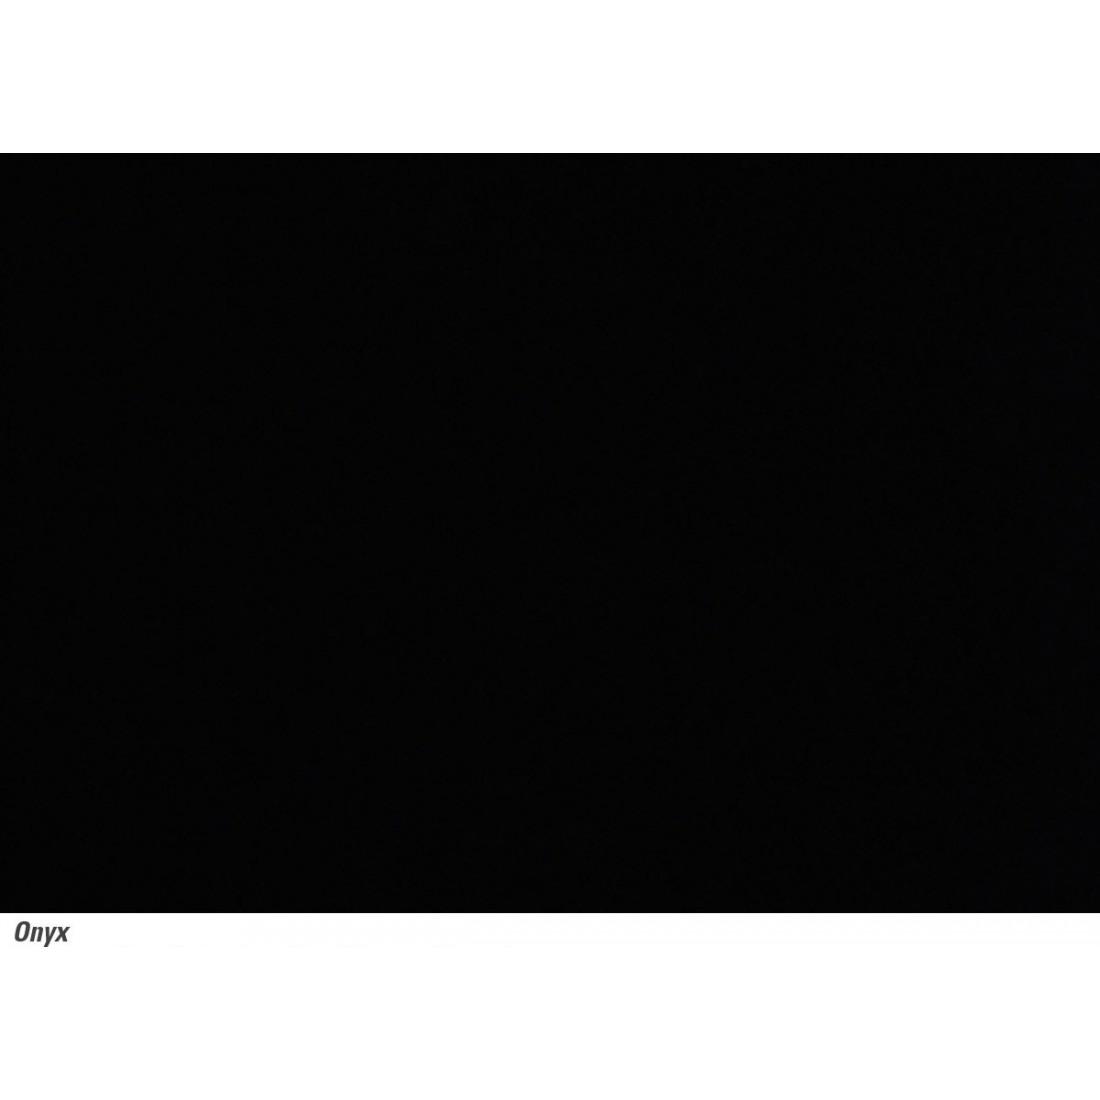 Keraminė plautuvė Franke Mythos, MTK 611-100, Onyx, dubuo dešinėje, 2 išgręžtos skylės